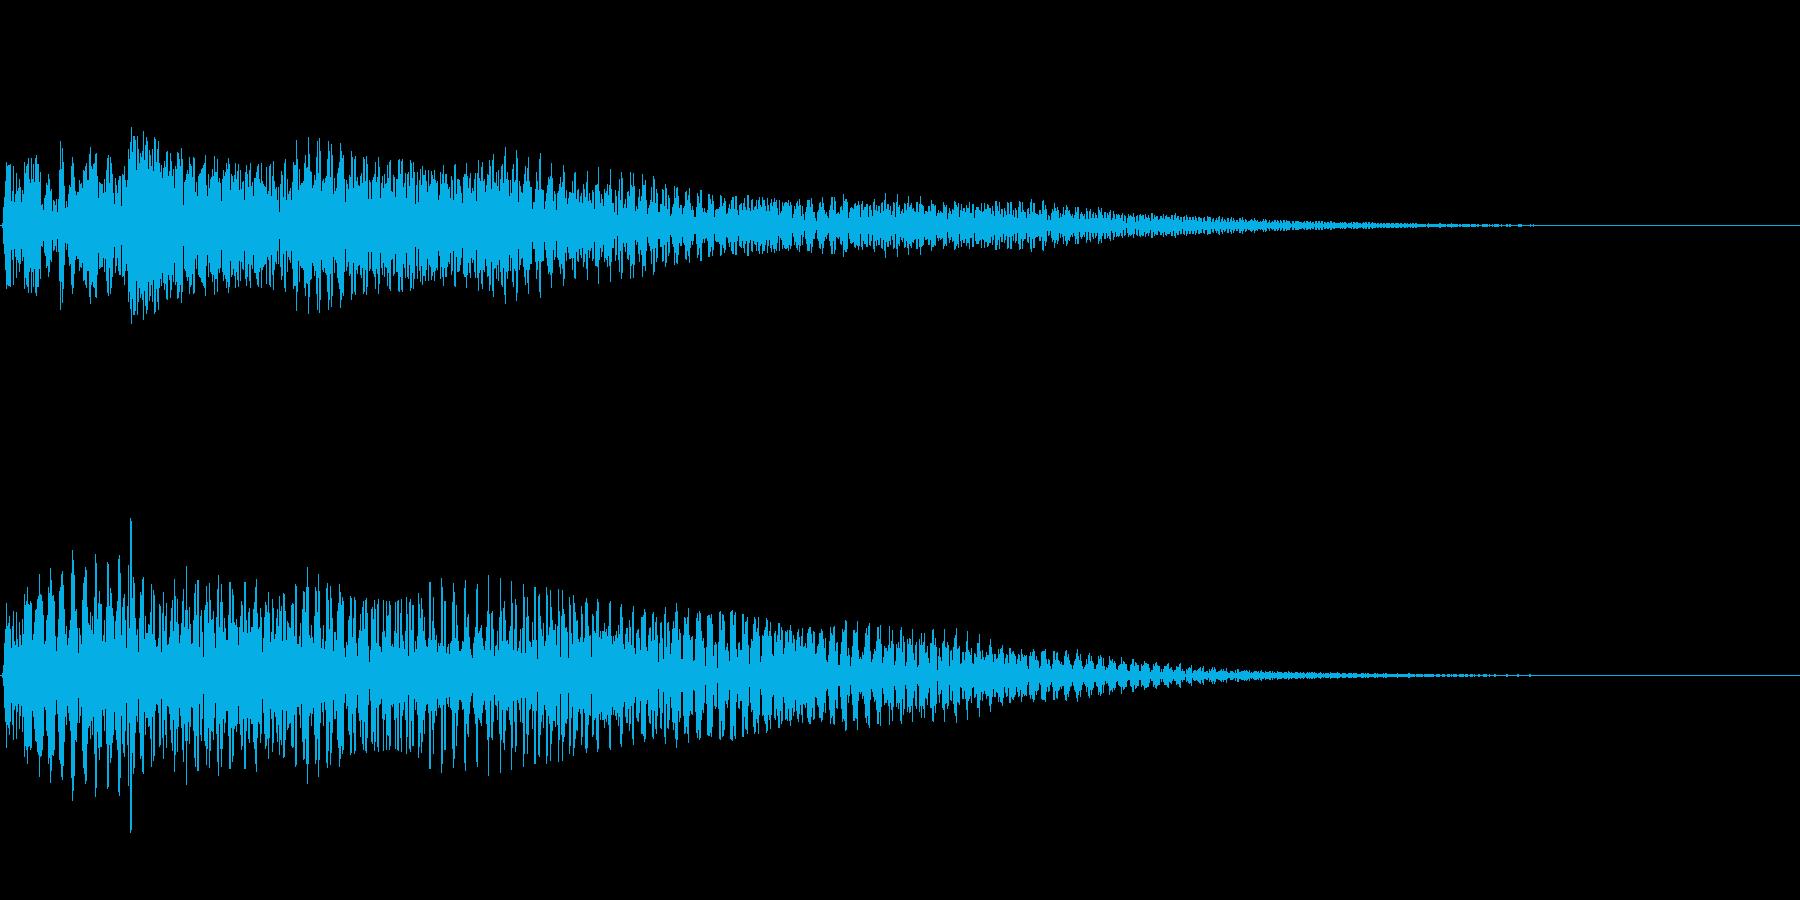 ハープによるスタートアップ音 通知音の再生済みの波形